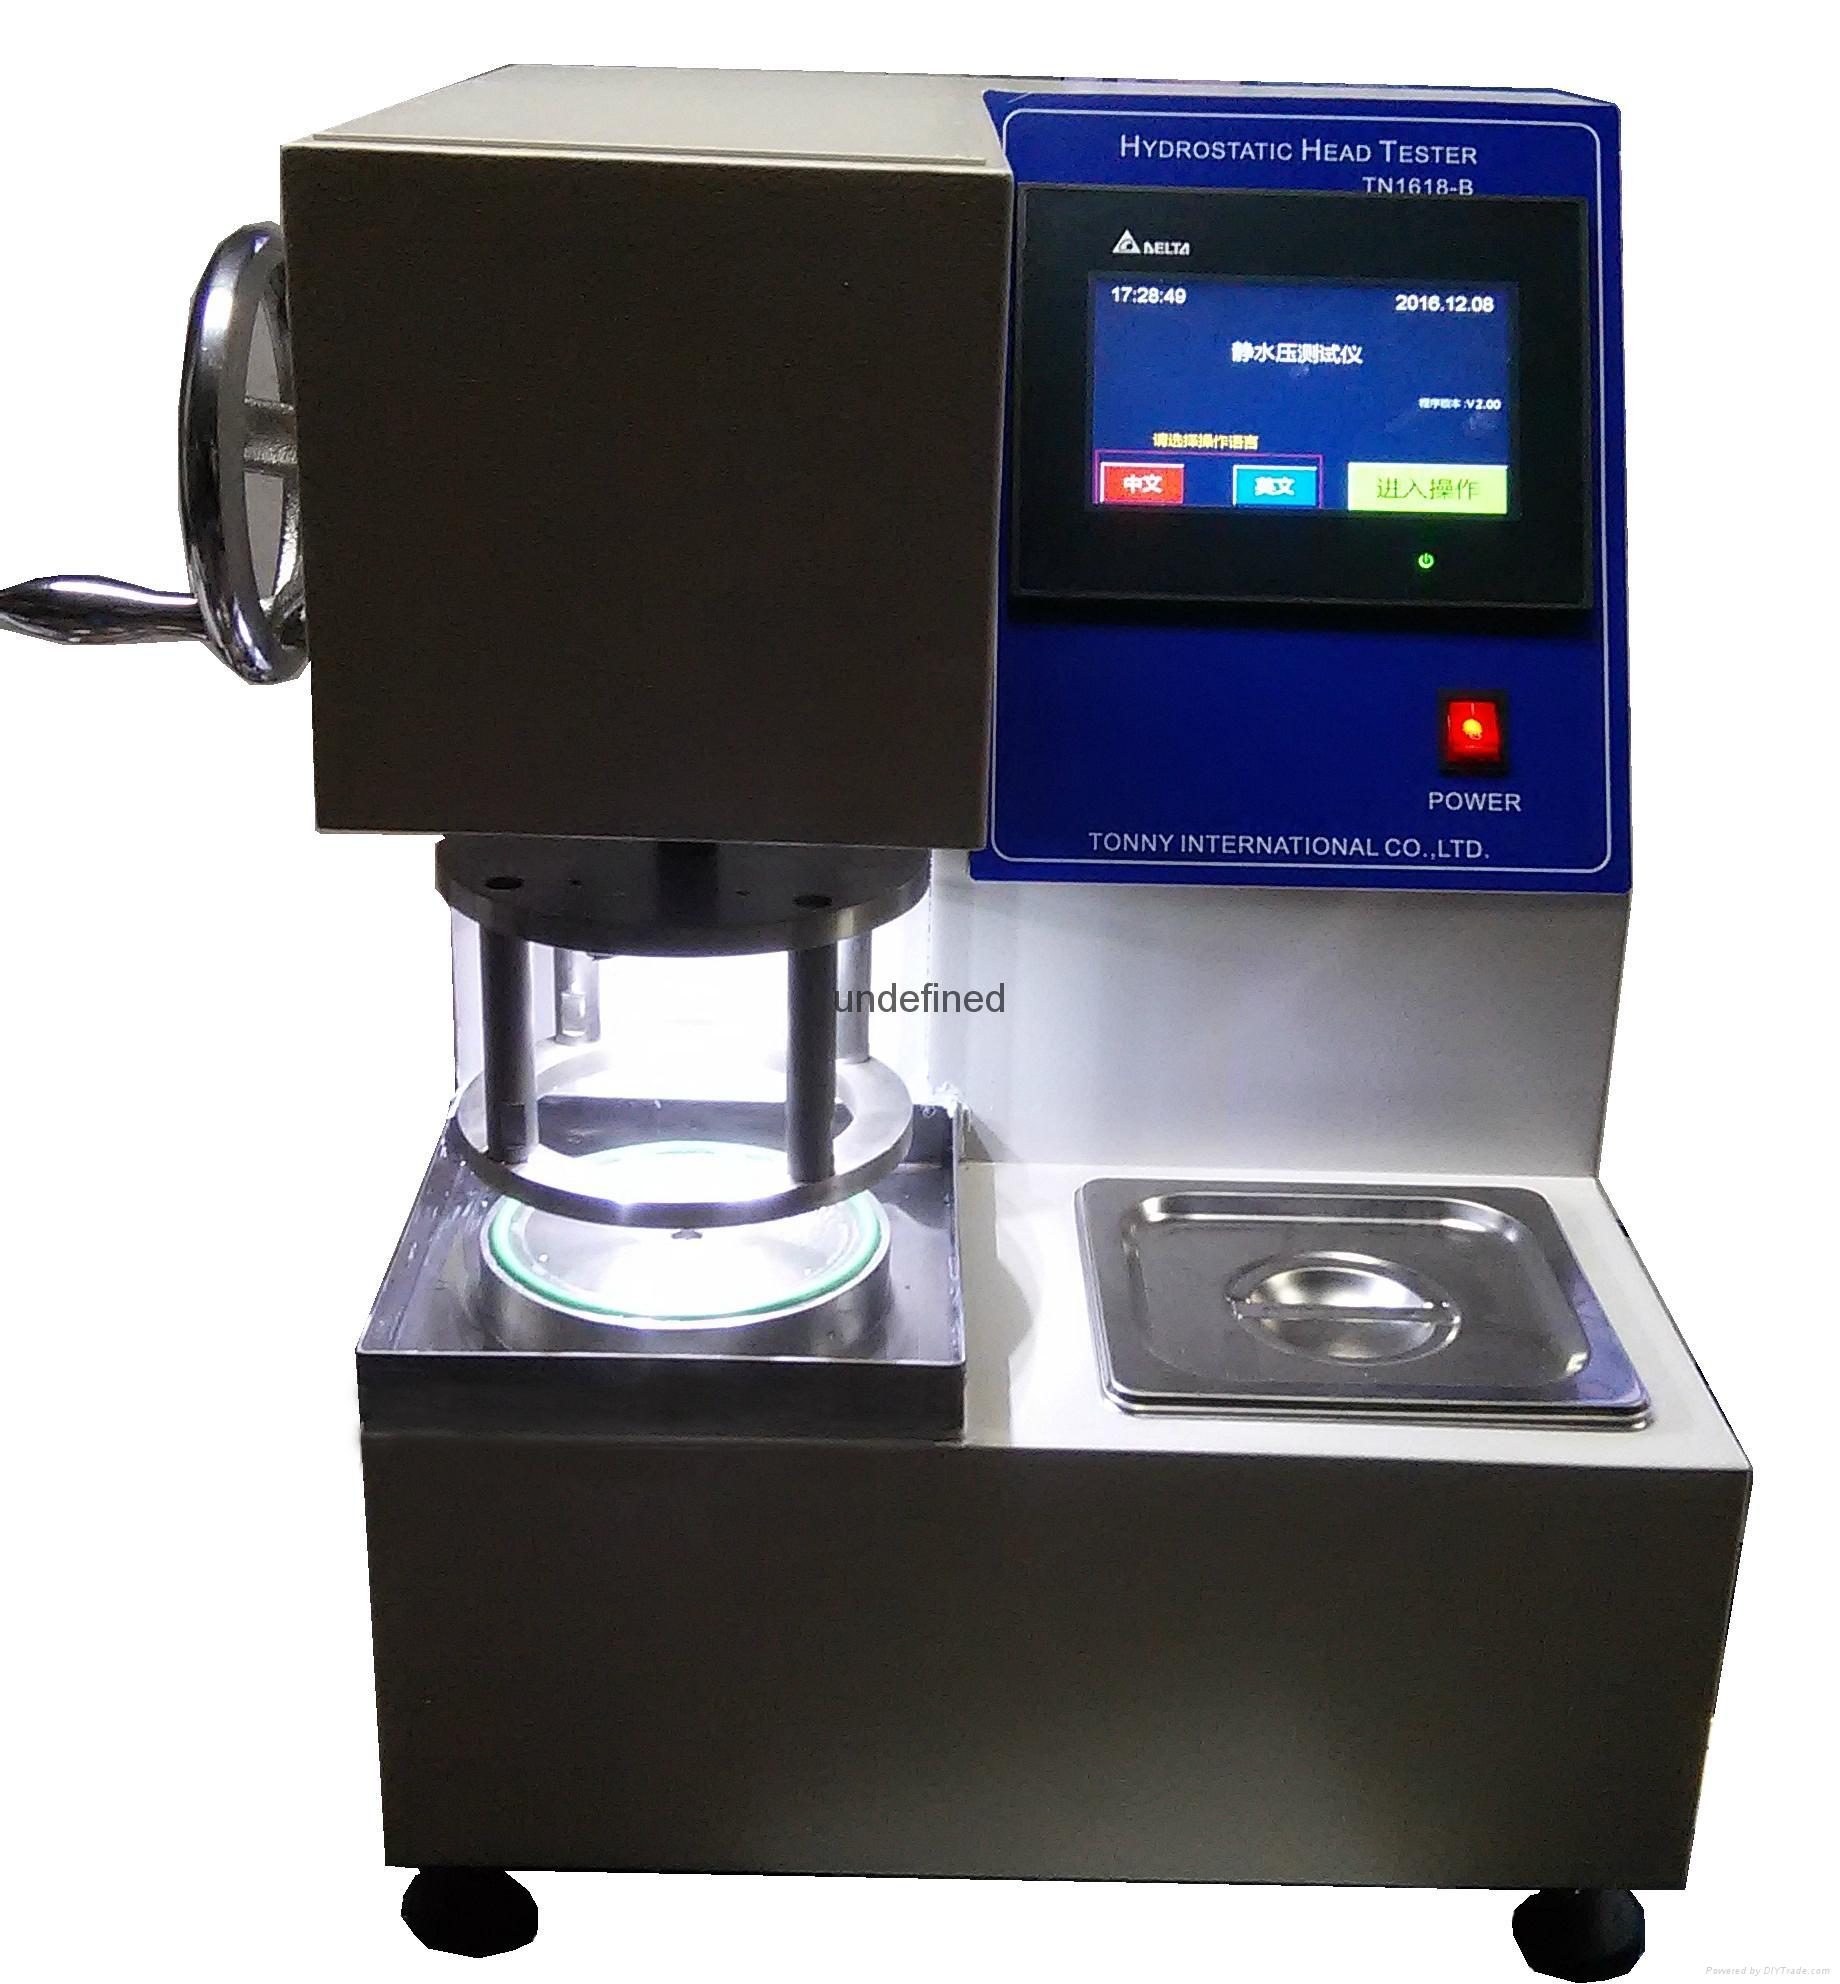 智能式静水压试验机,抗渗水性测定仪 ISO 811,AATCC 127-通铭 1